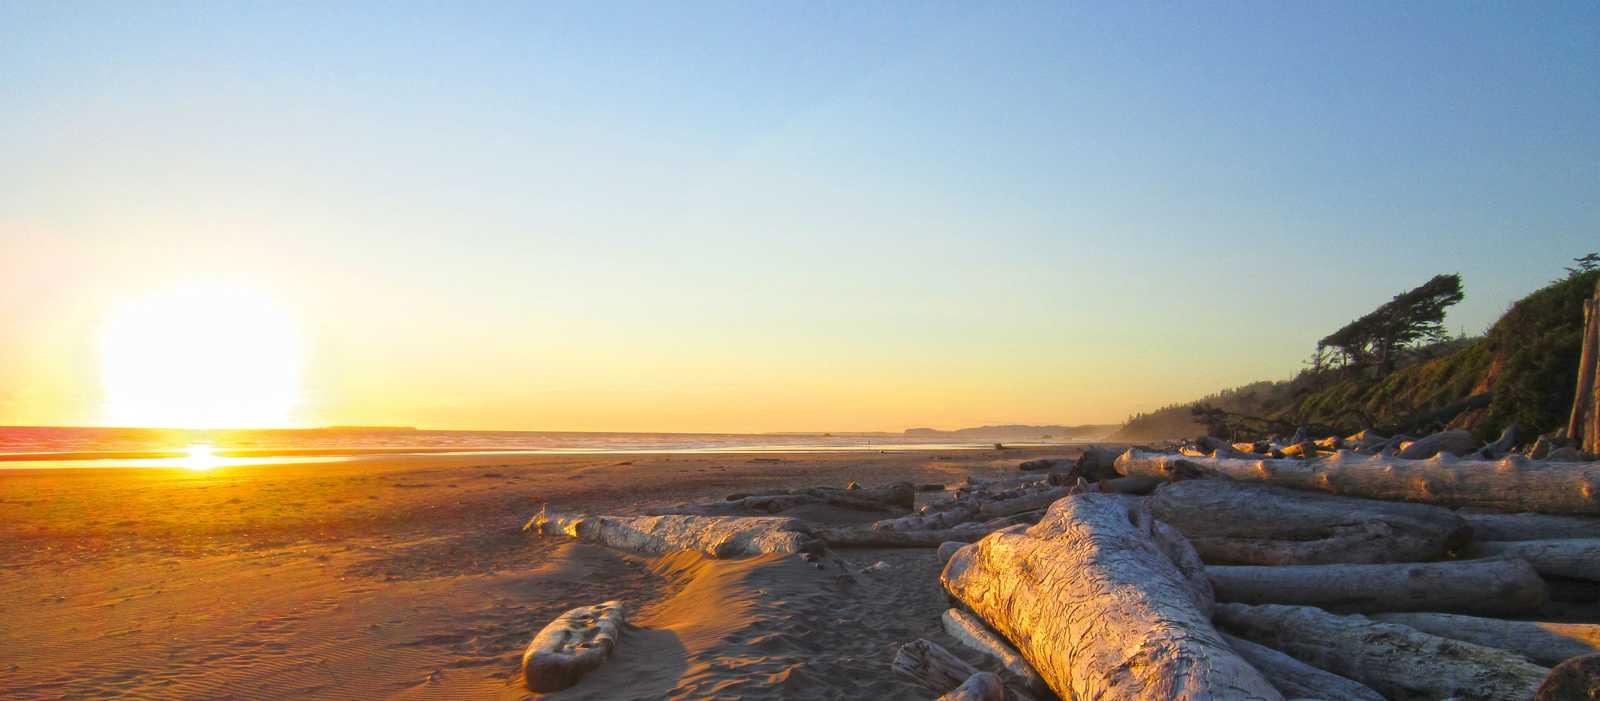 Sonnenuntergang am Ruby Beach